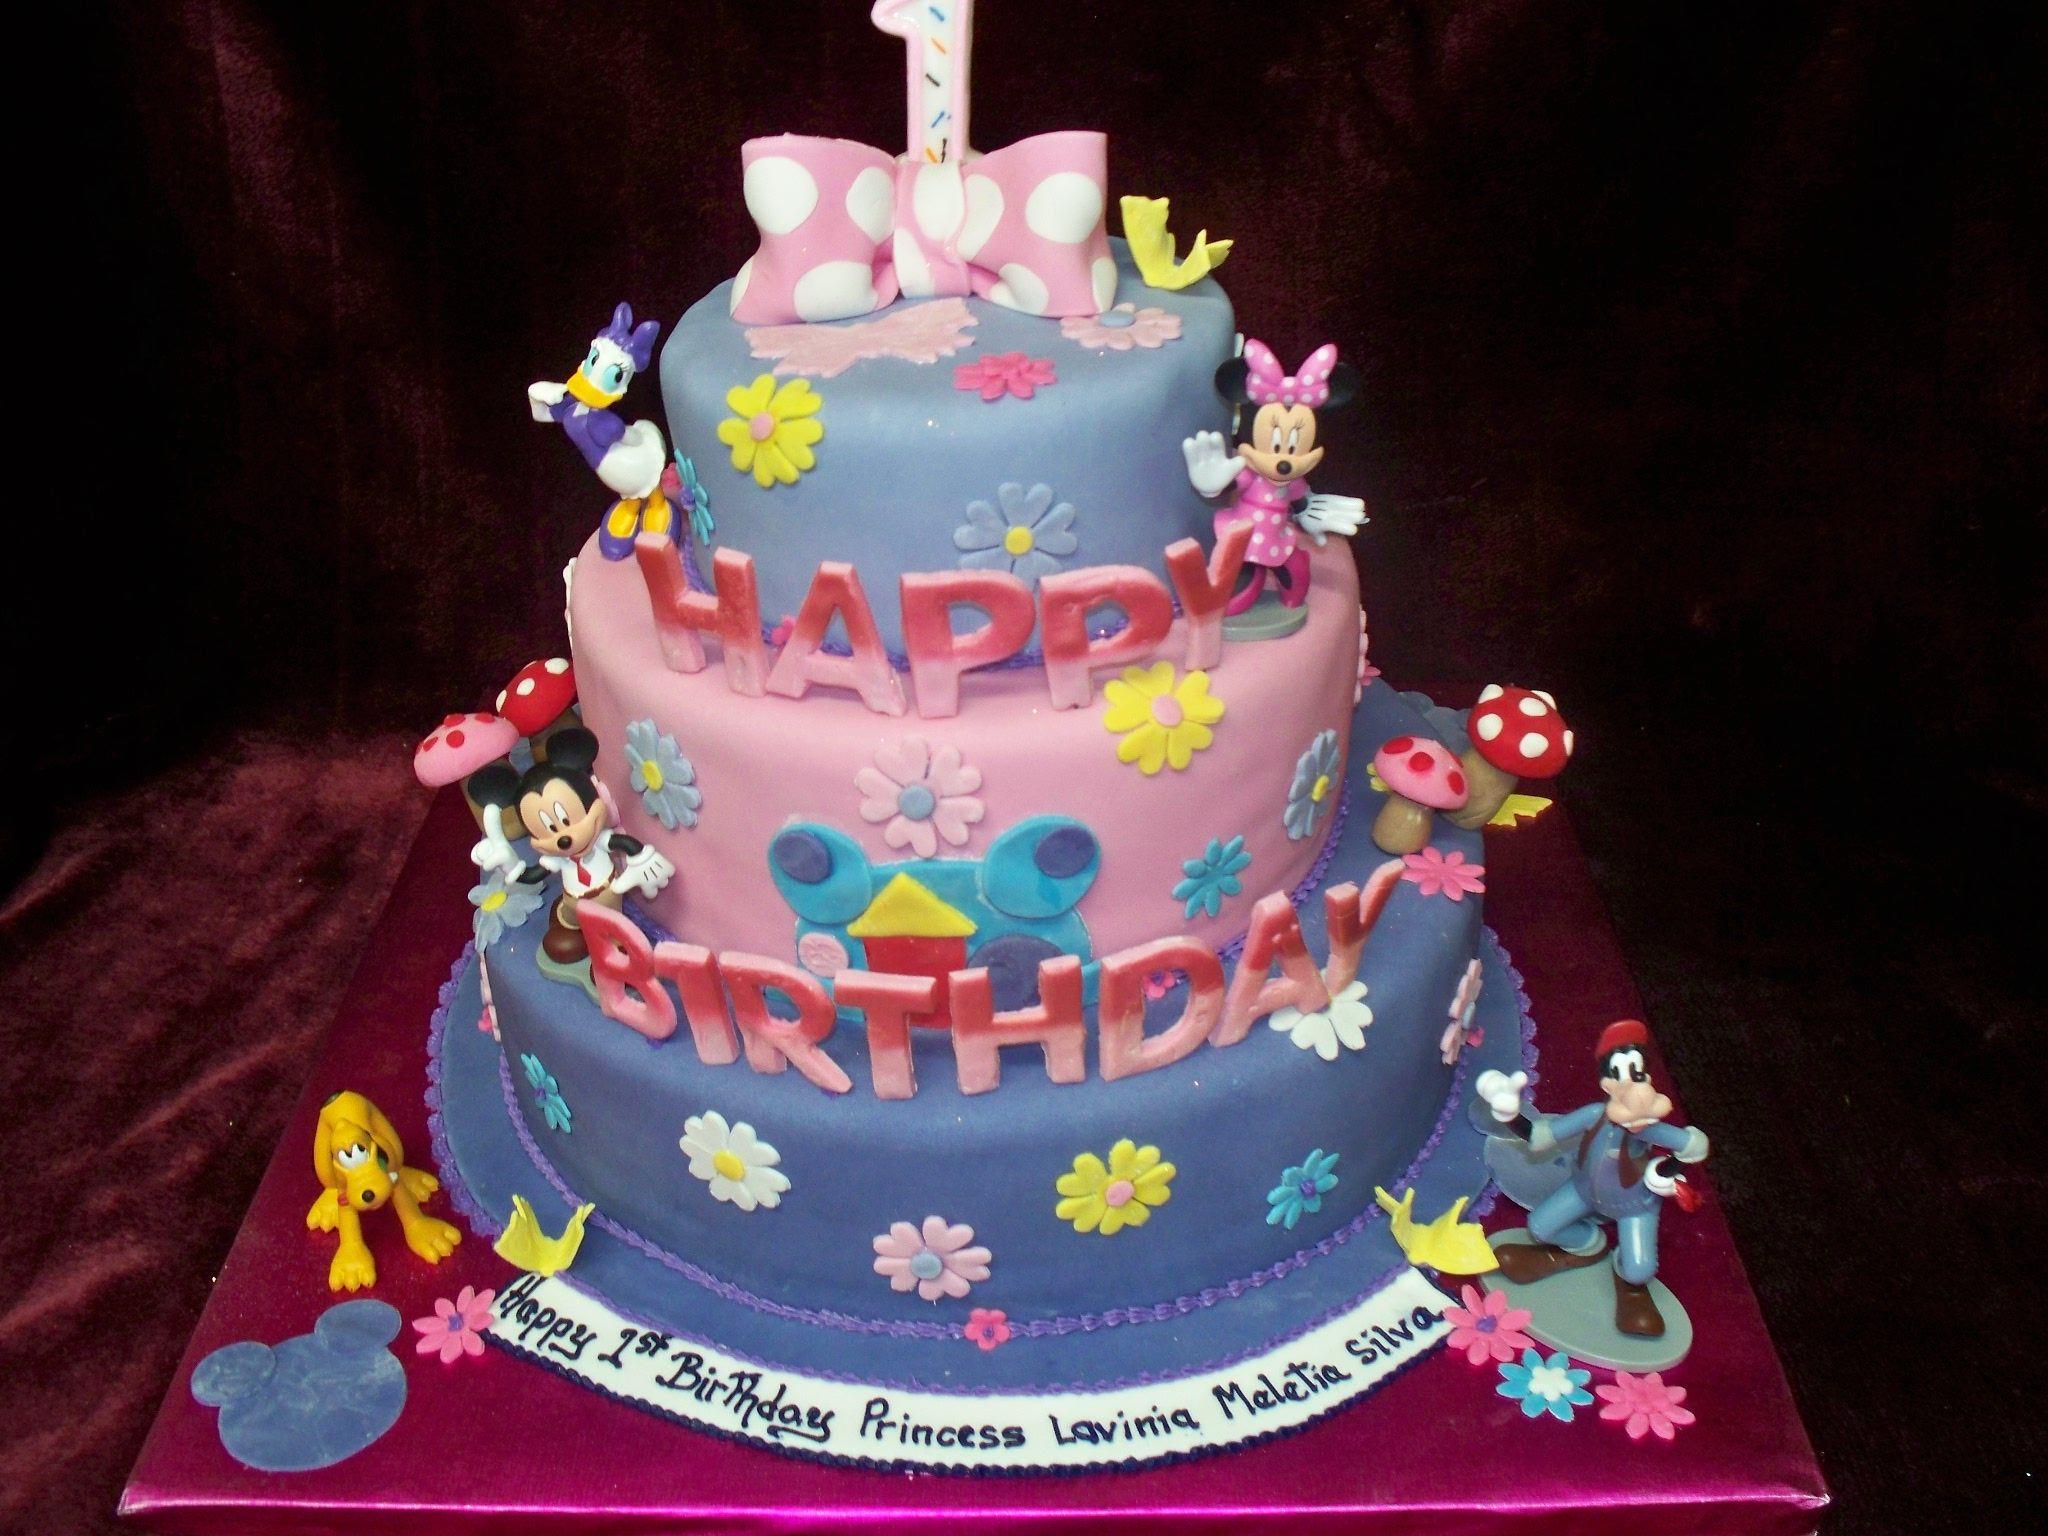 Minnie mouse 3 tiered birthday cake wwwfrescofoodsconz